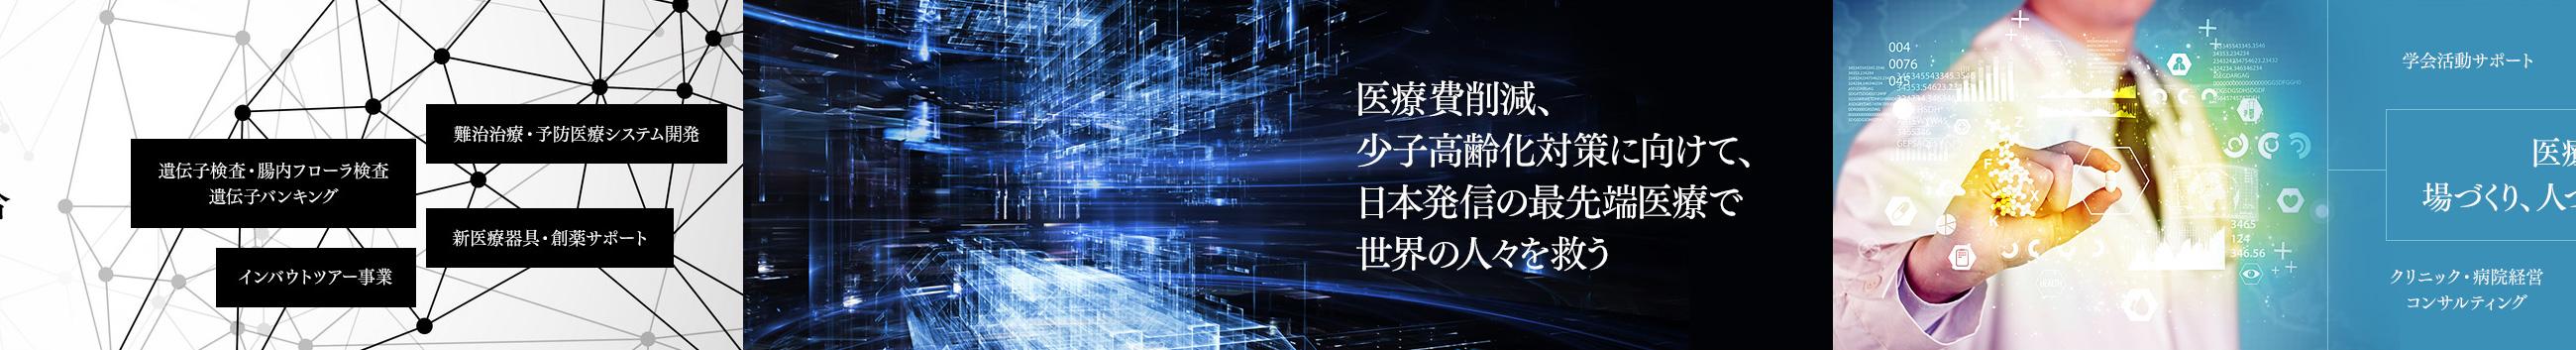 医療費削減、少子高齢化対策に向けて日本発信の最先端医療で人々を救う